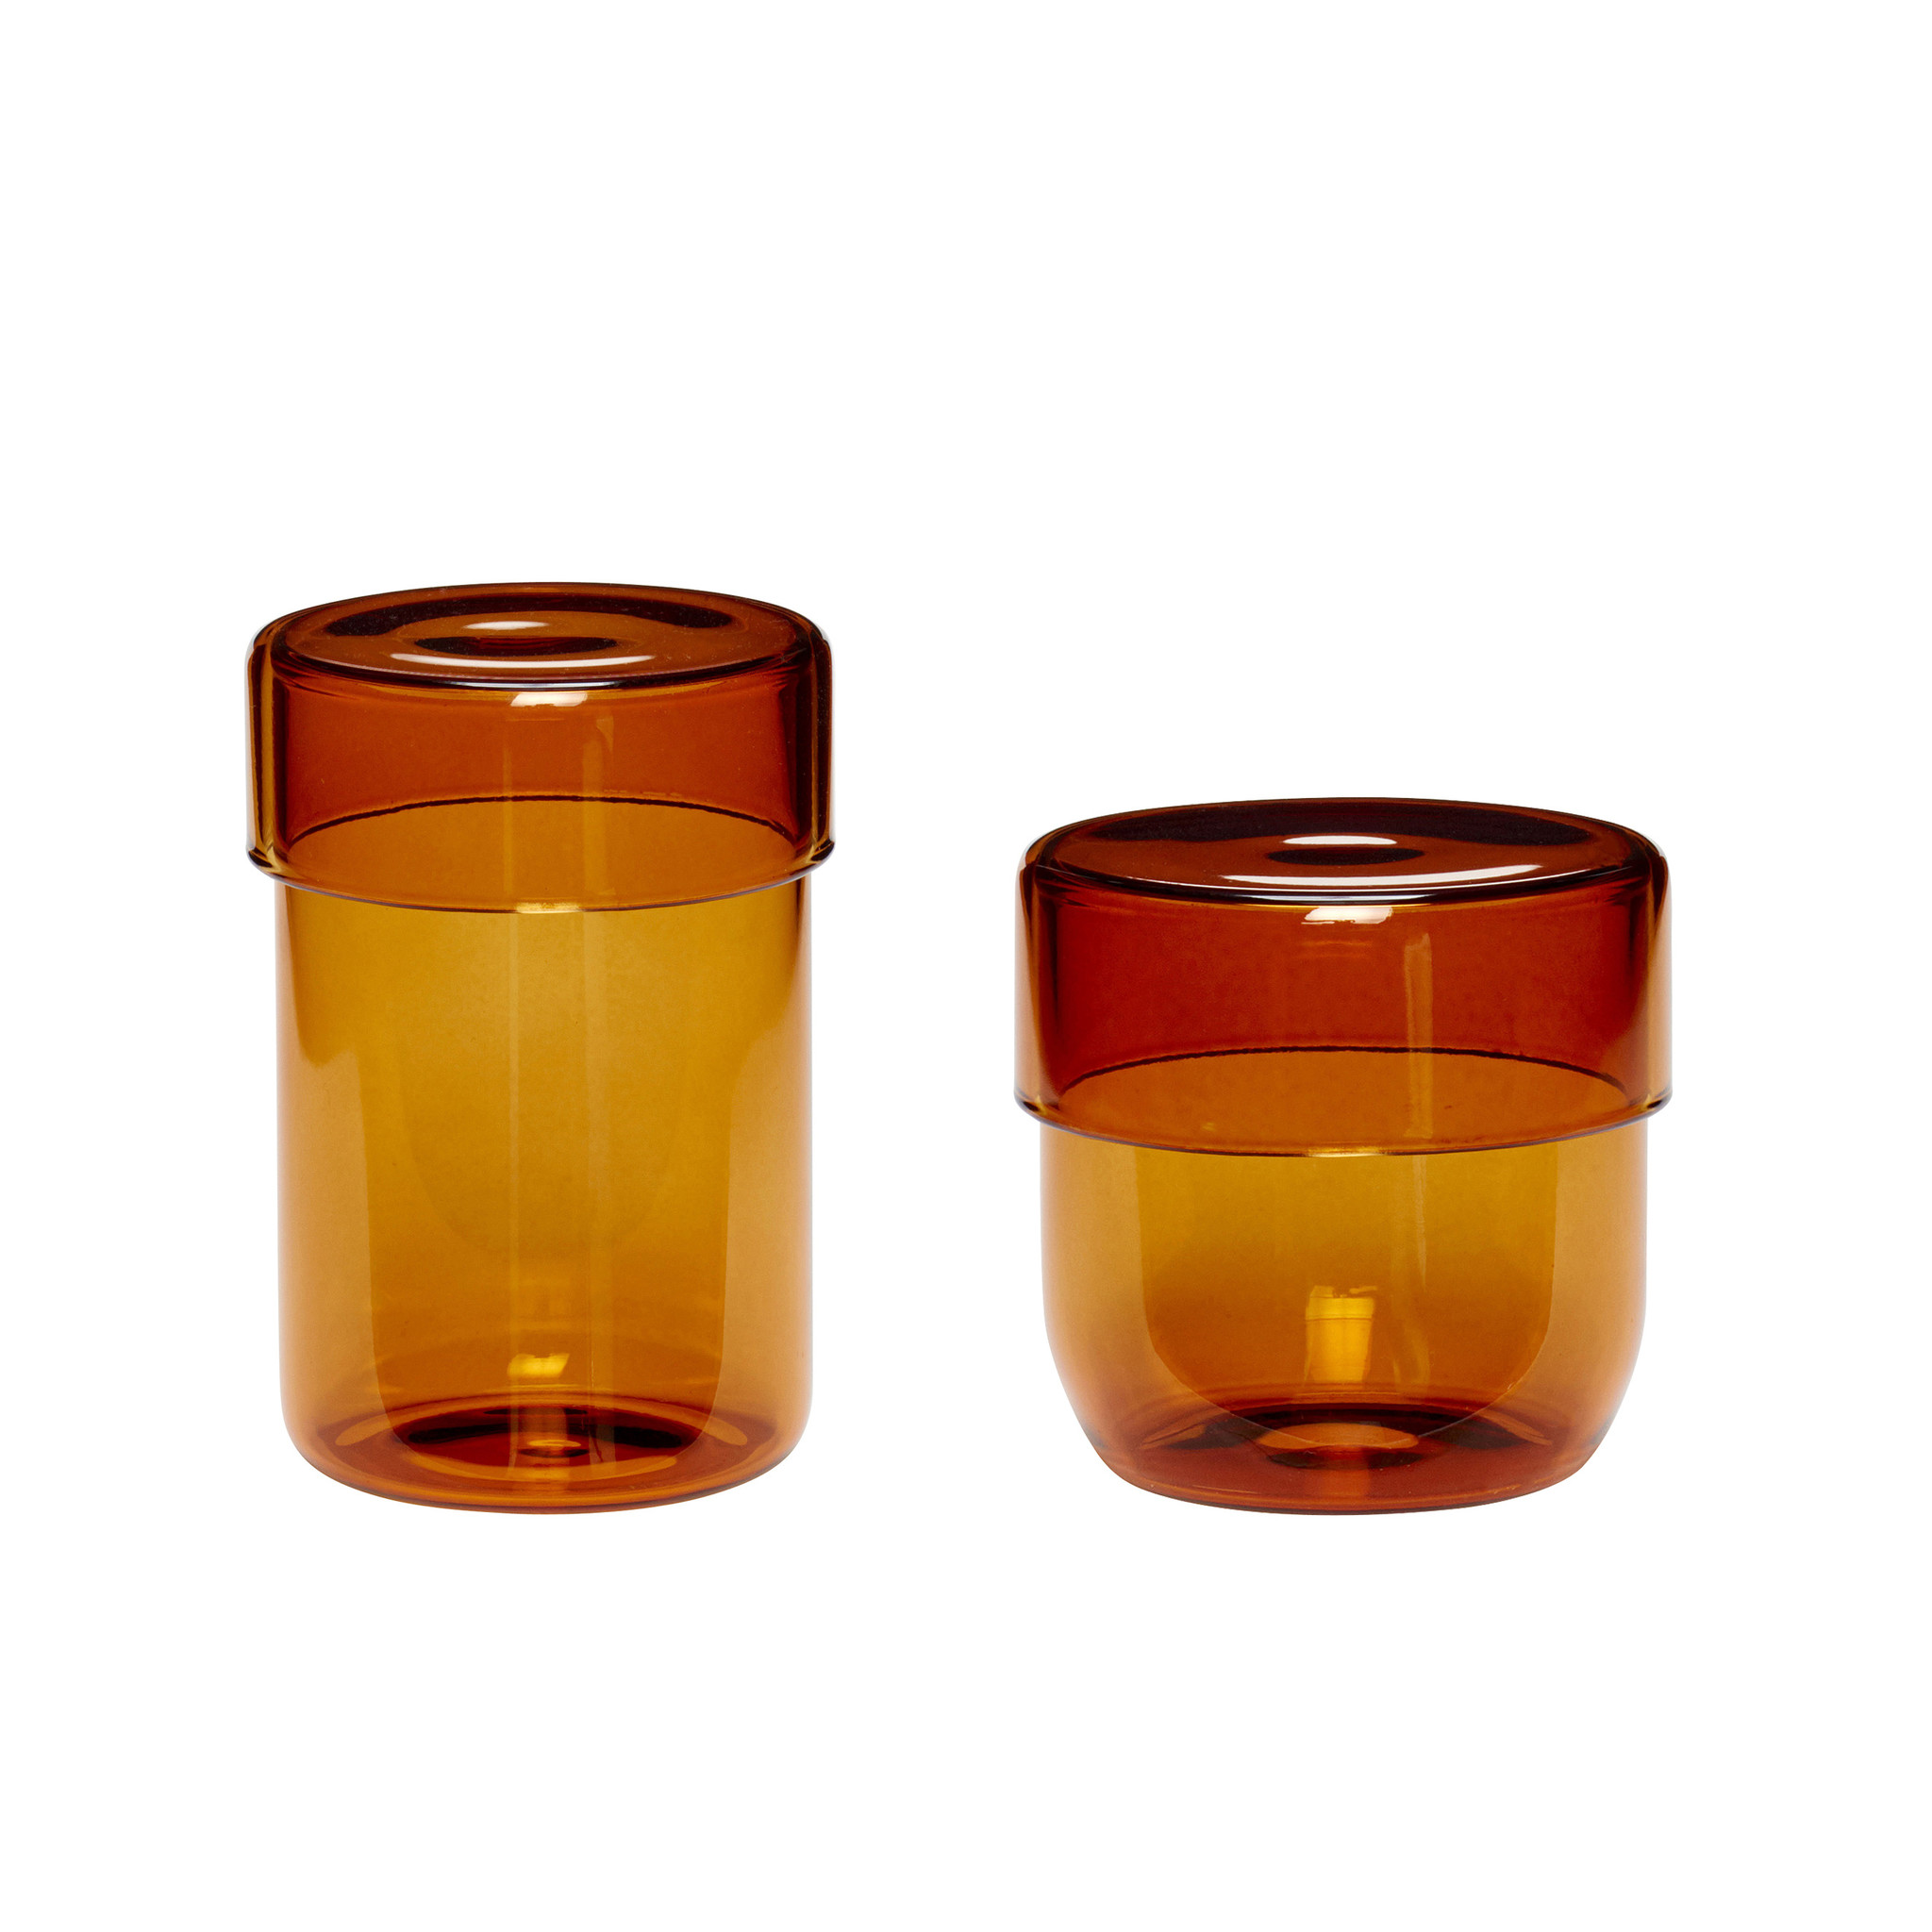 Hubsch Voorraadpot met deksel, glas, barnsteen, set van 2-660907-5712772069929